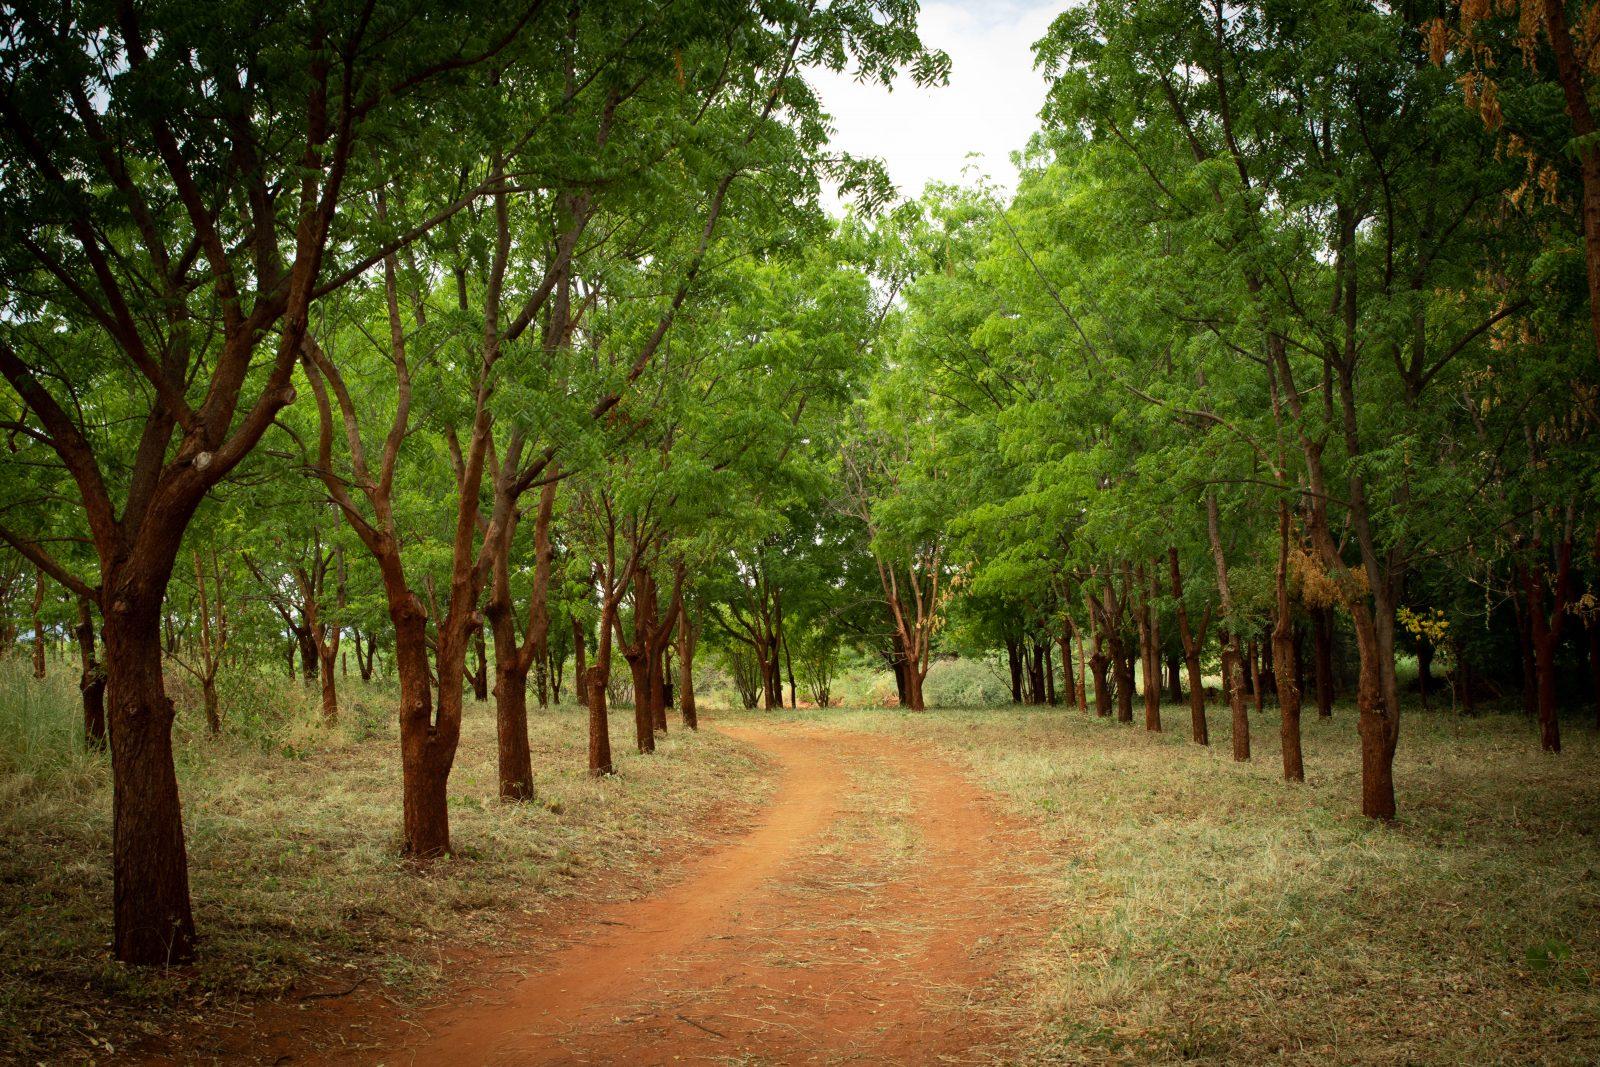 Allé av Neem-träd på väg till kontoret på Kiambere-plantagen